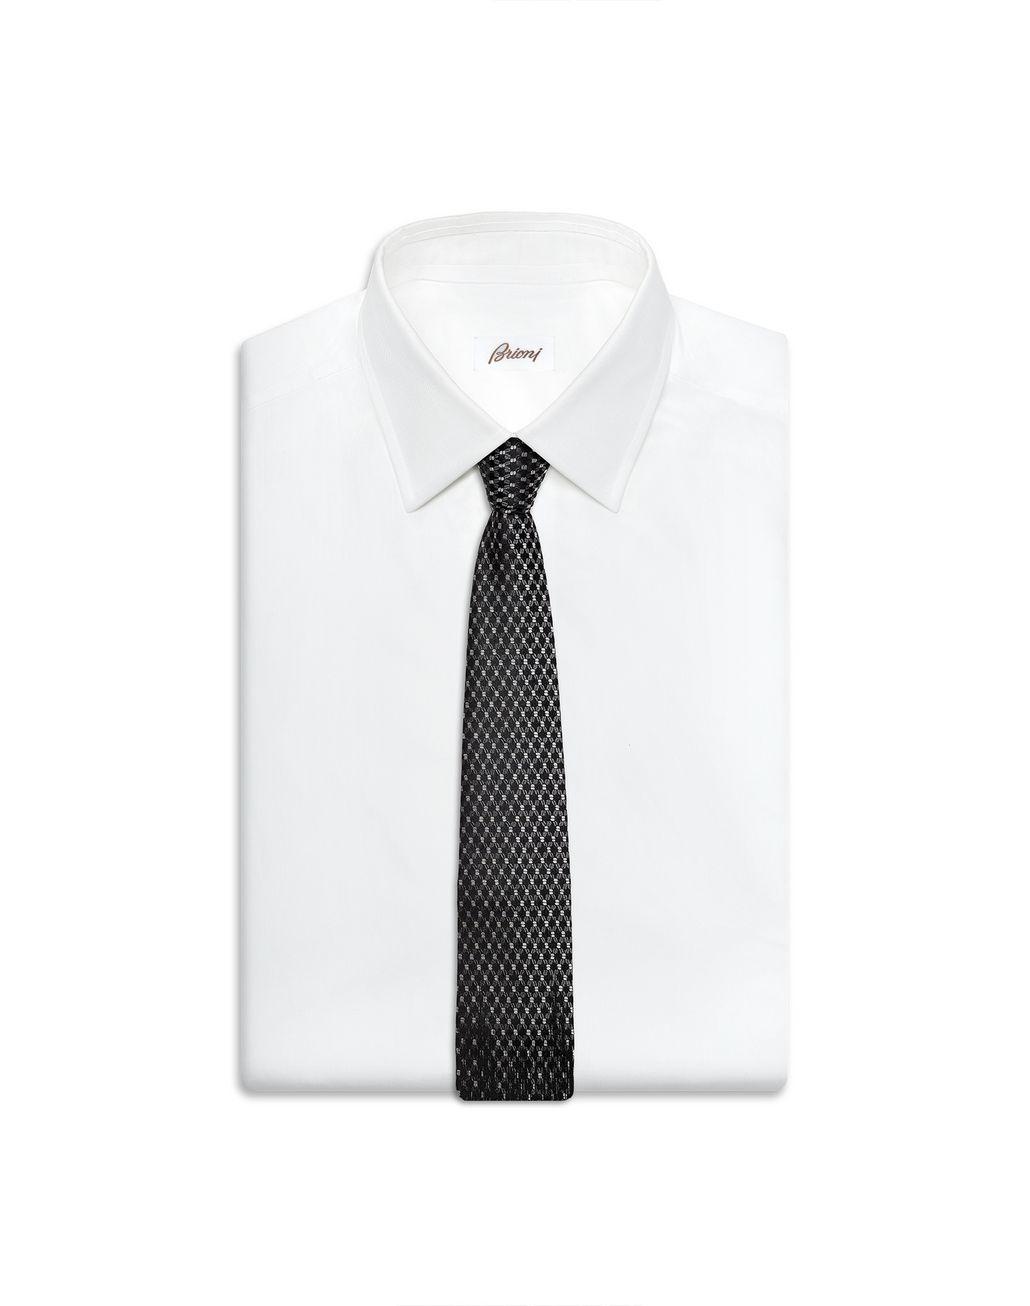 BRIONI Schwarze Flanellkrawatte mit kleinem Muster Krawatte [*** pickupInStoreShippingNotGuaranteed_info ***] e